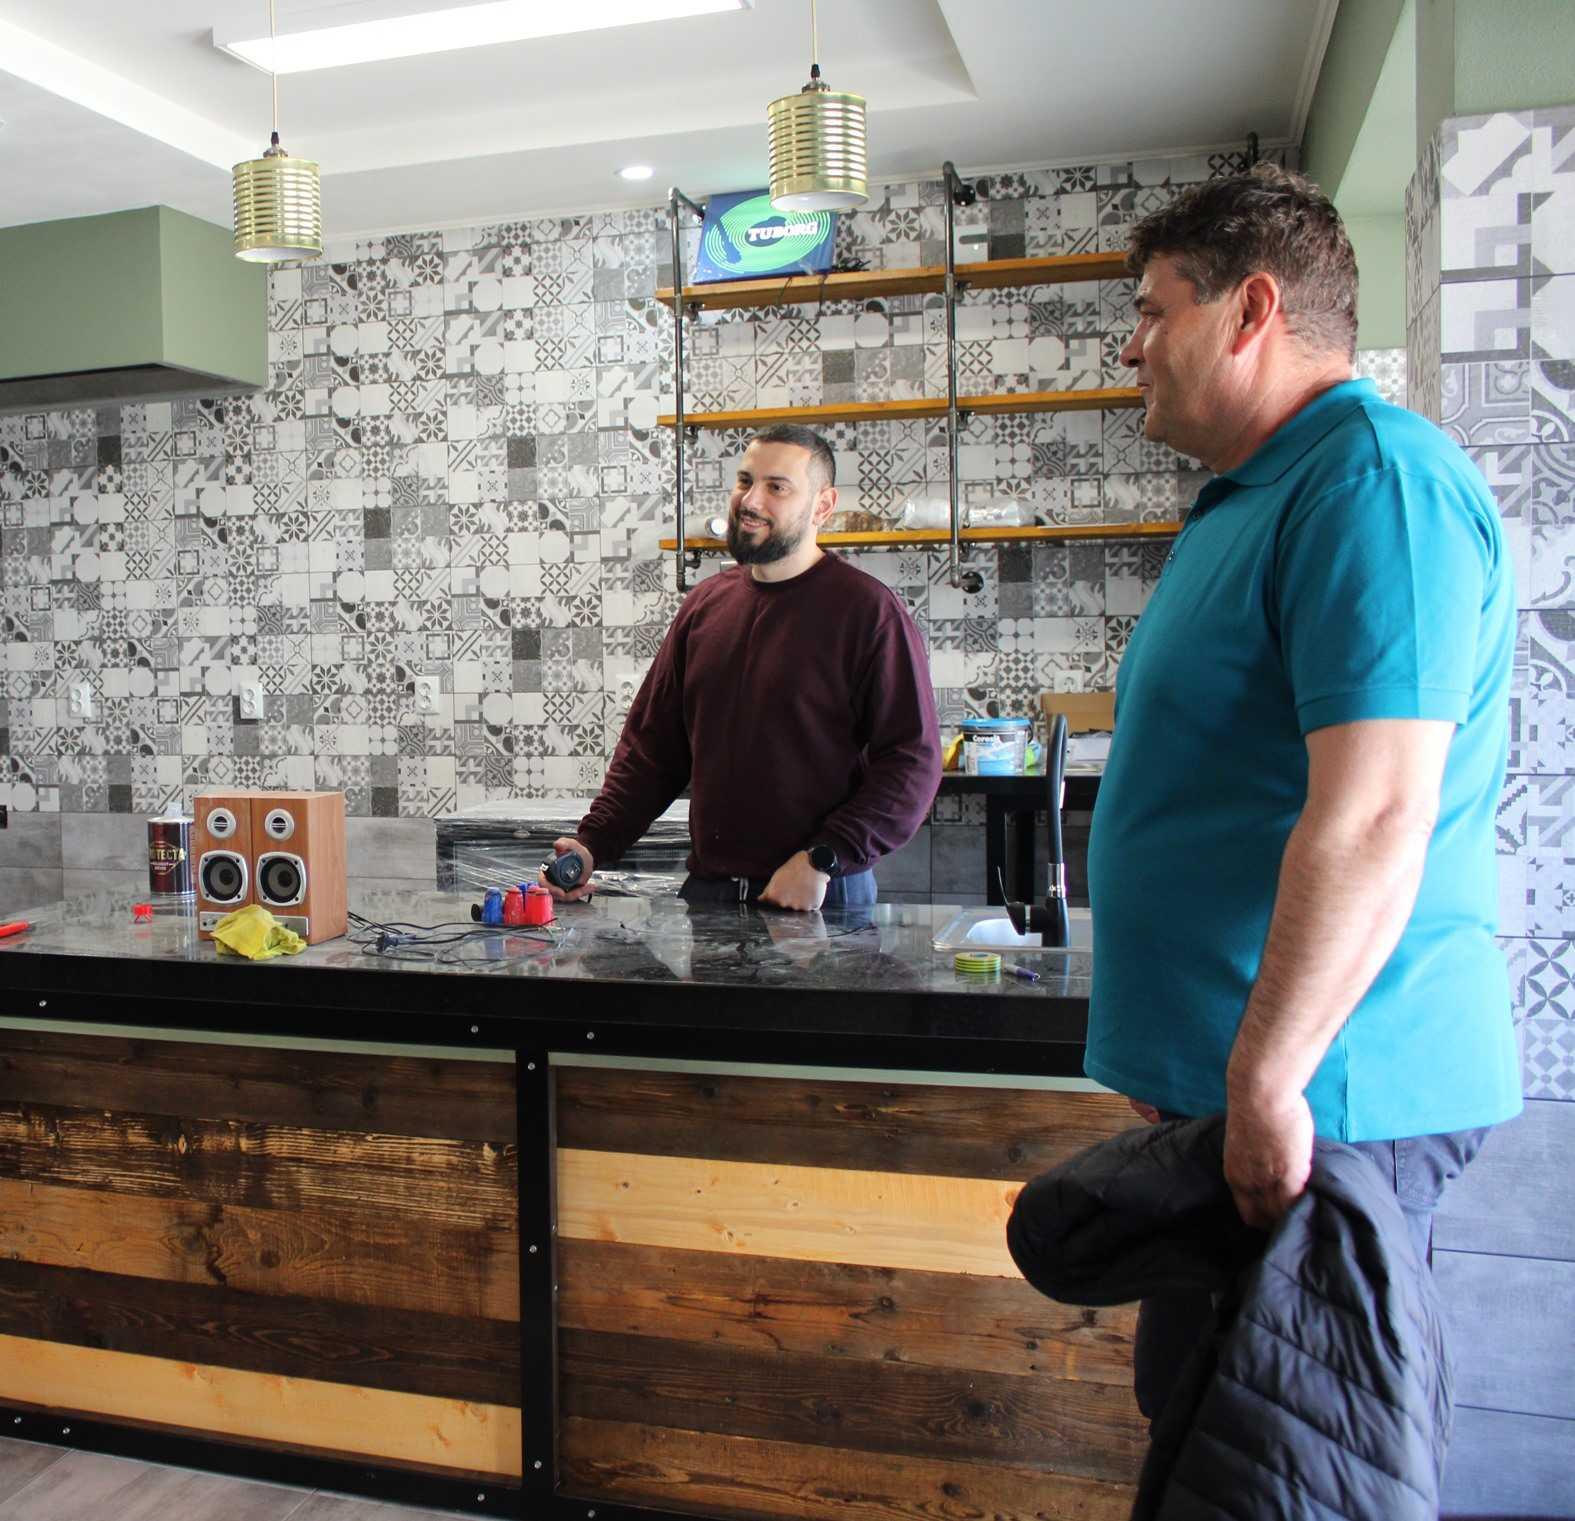 Fiatalos étterem nyílt a helyi fiatalok vállalkozásának köszönhetően